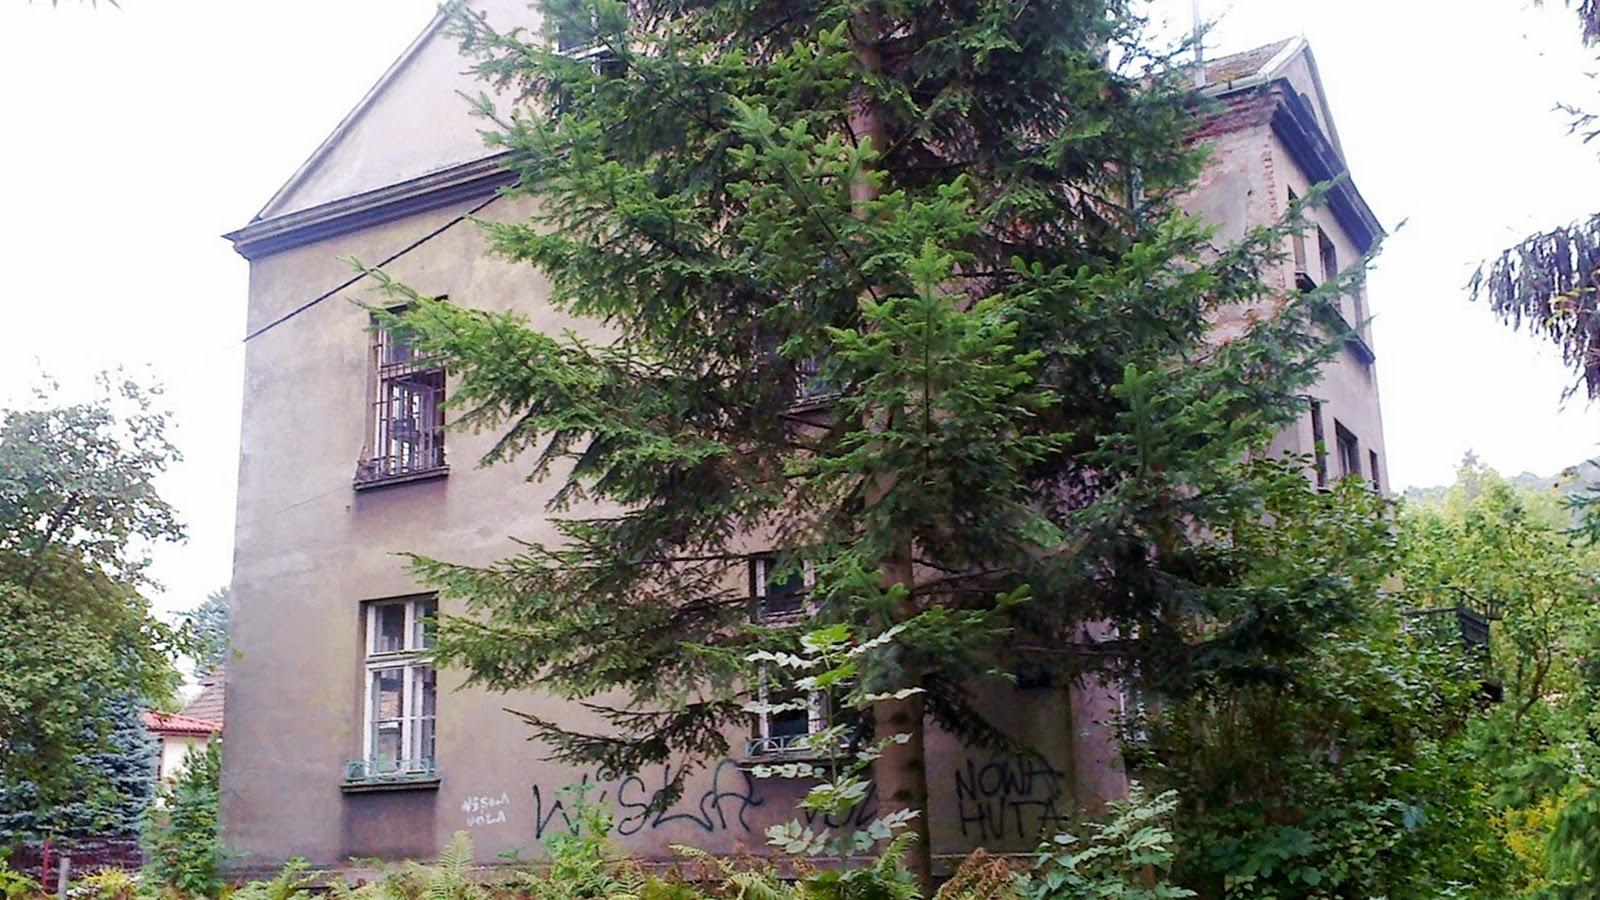 Krakow Zwierzyniec dom St.Tondosa w2012 r.